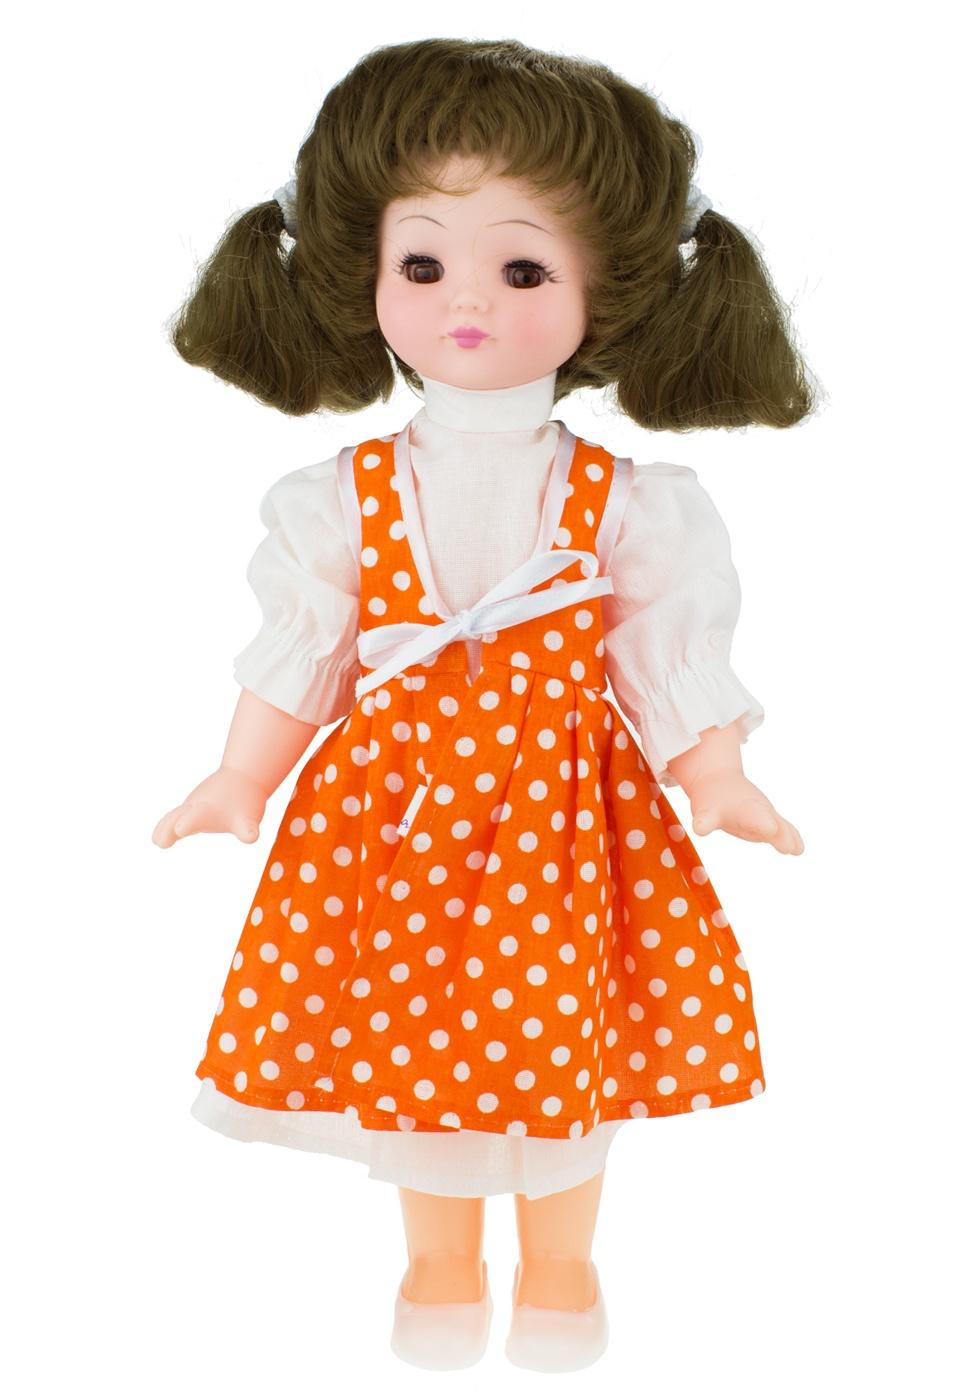 Кукла Мир кукол Кристина оранжевый куклы мир кукол кукла ася пак 35 см